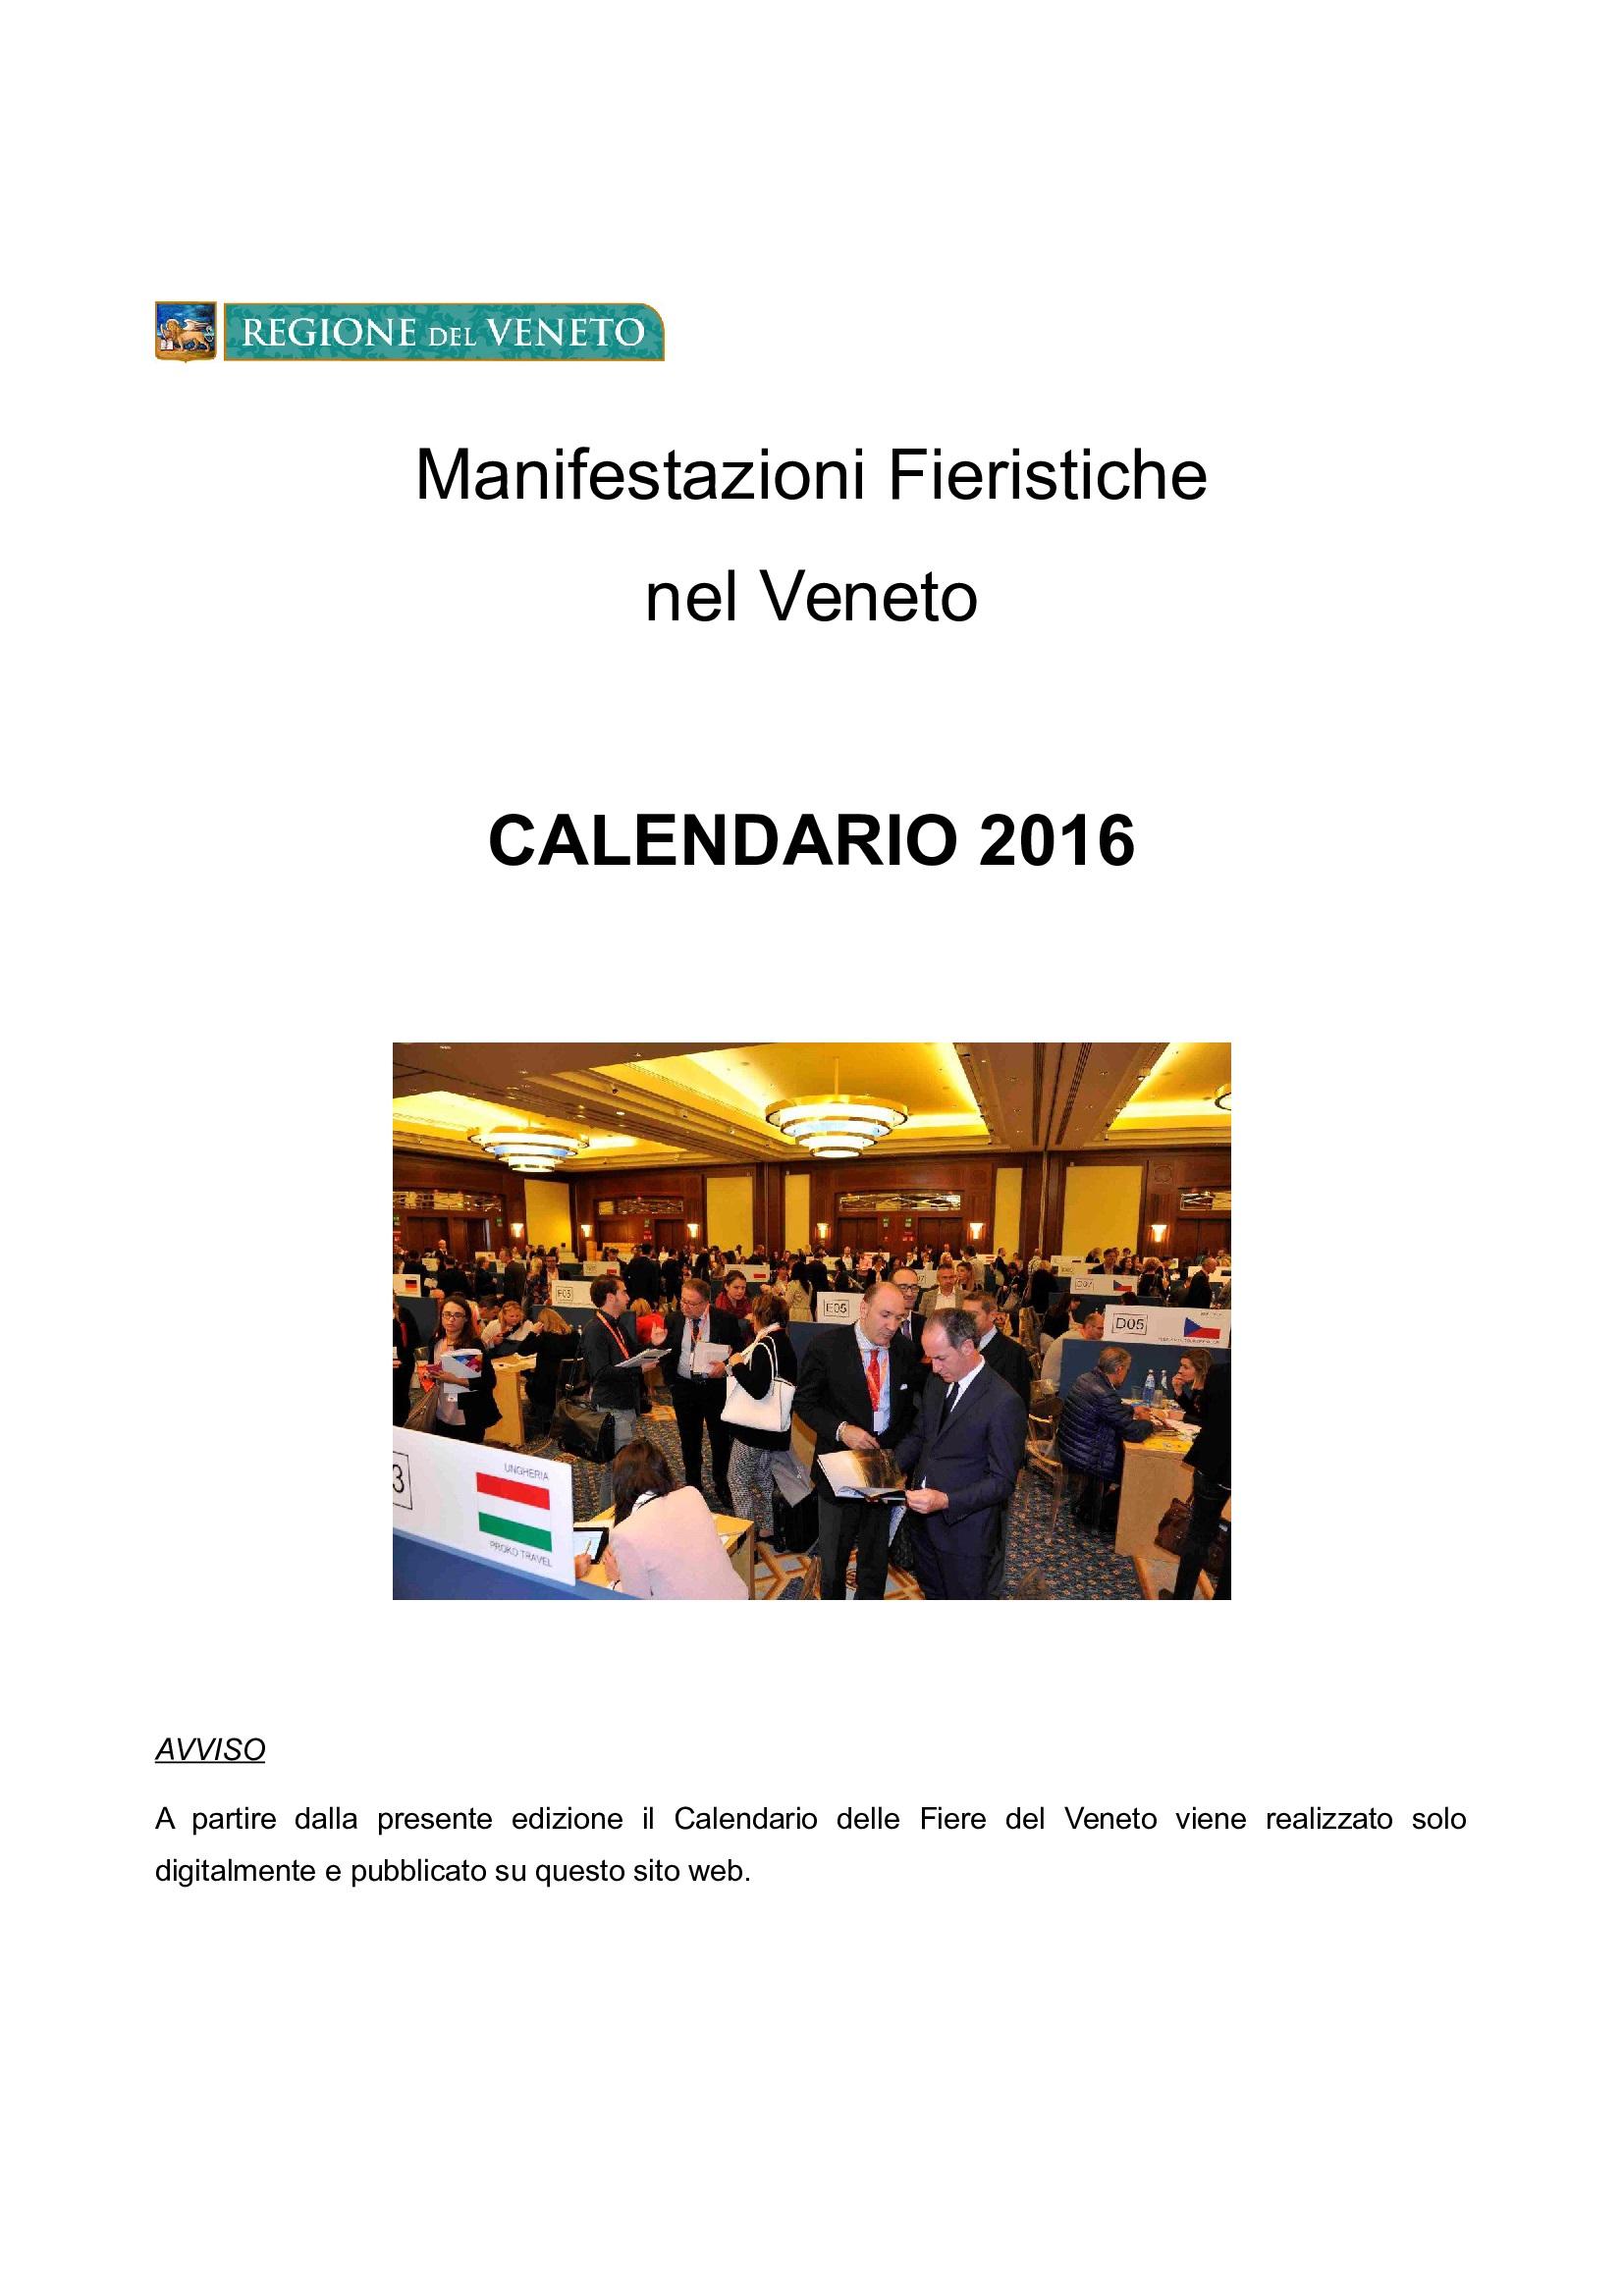 Regione veneto calendario fieristico for Fiera elettronica calendario 2016